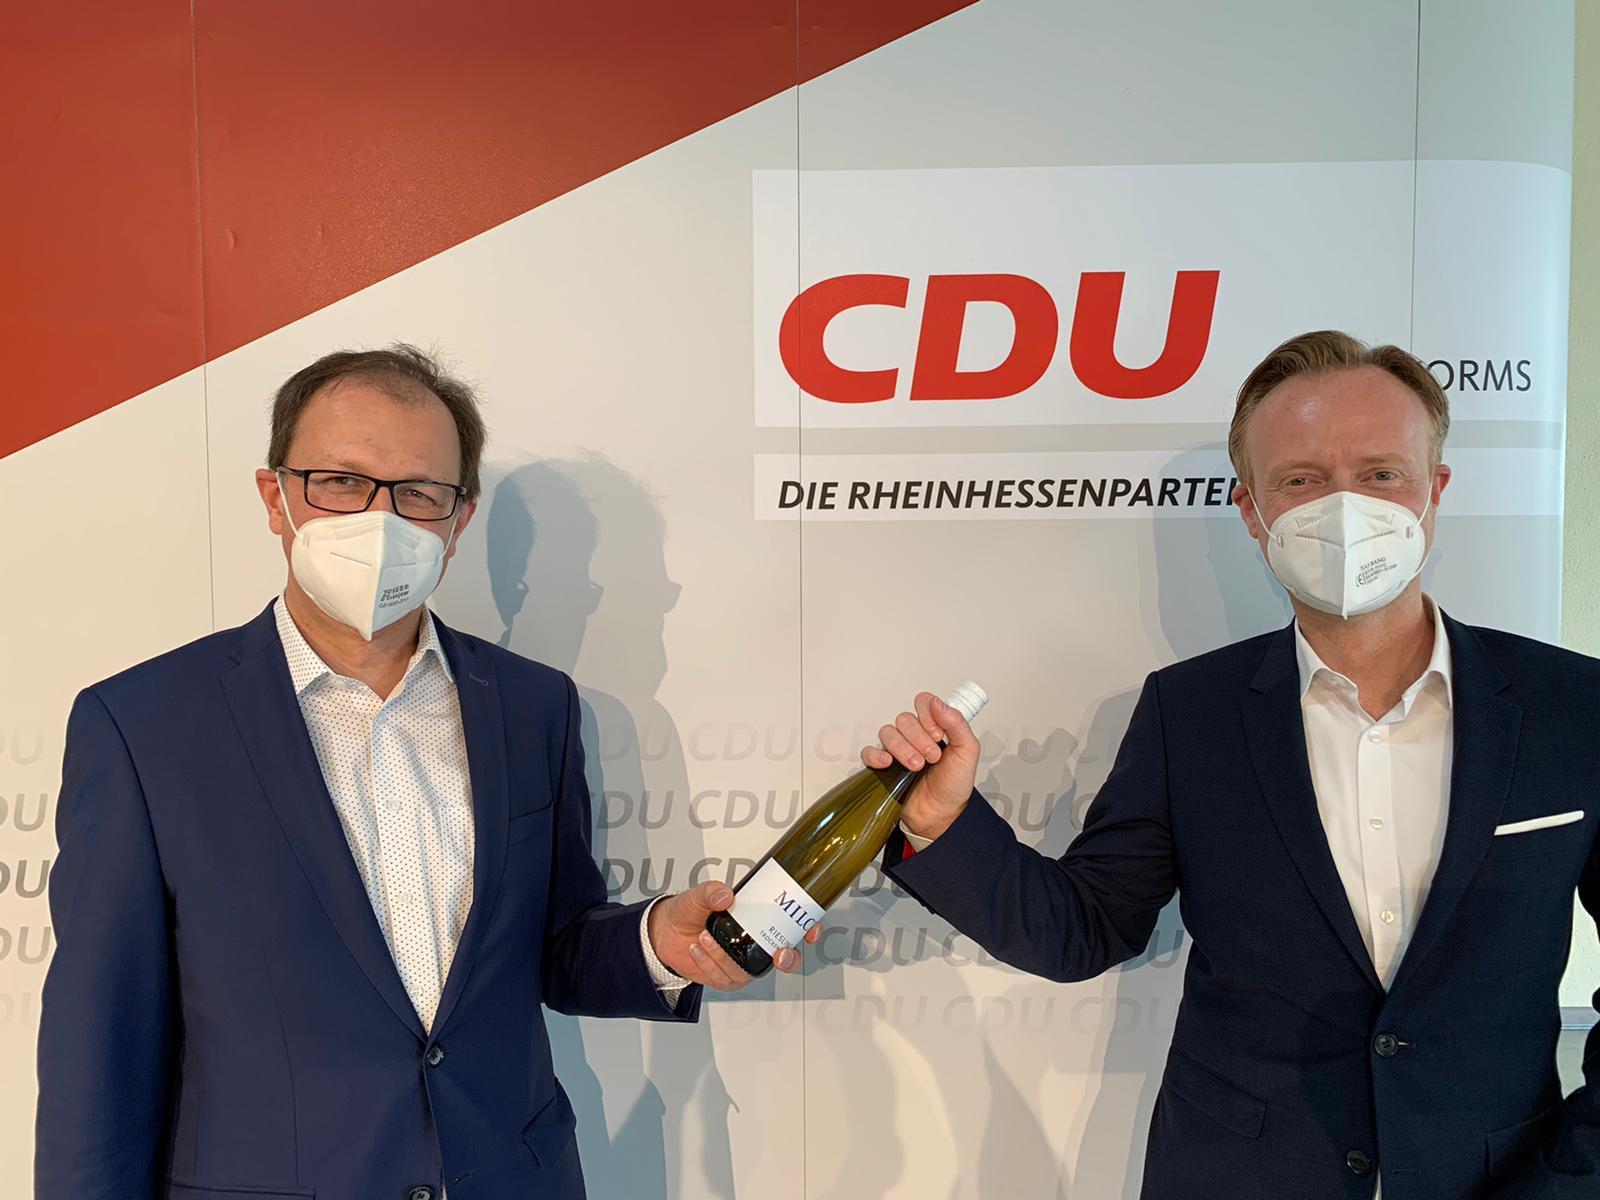 MdB Jan Metzler mit 100 Prozent wieder als Direktkandidat für Rheinhessen nominiert